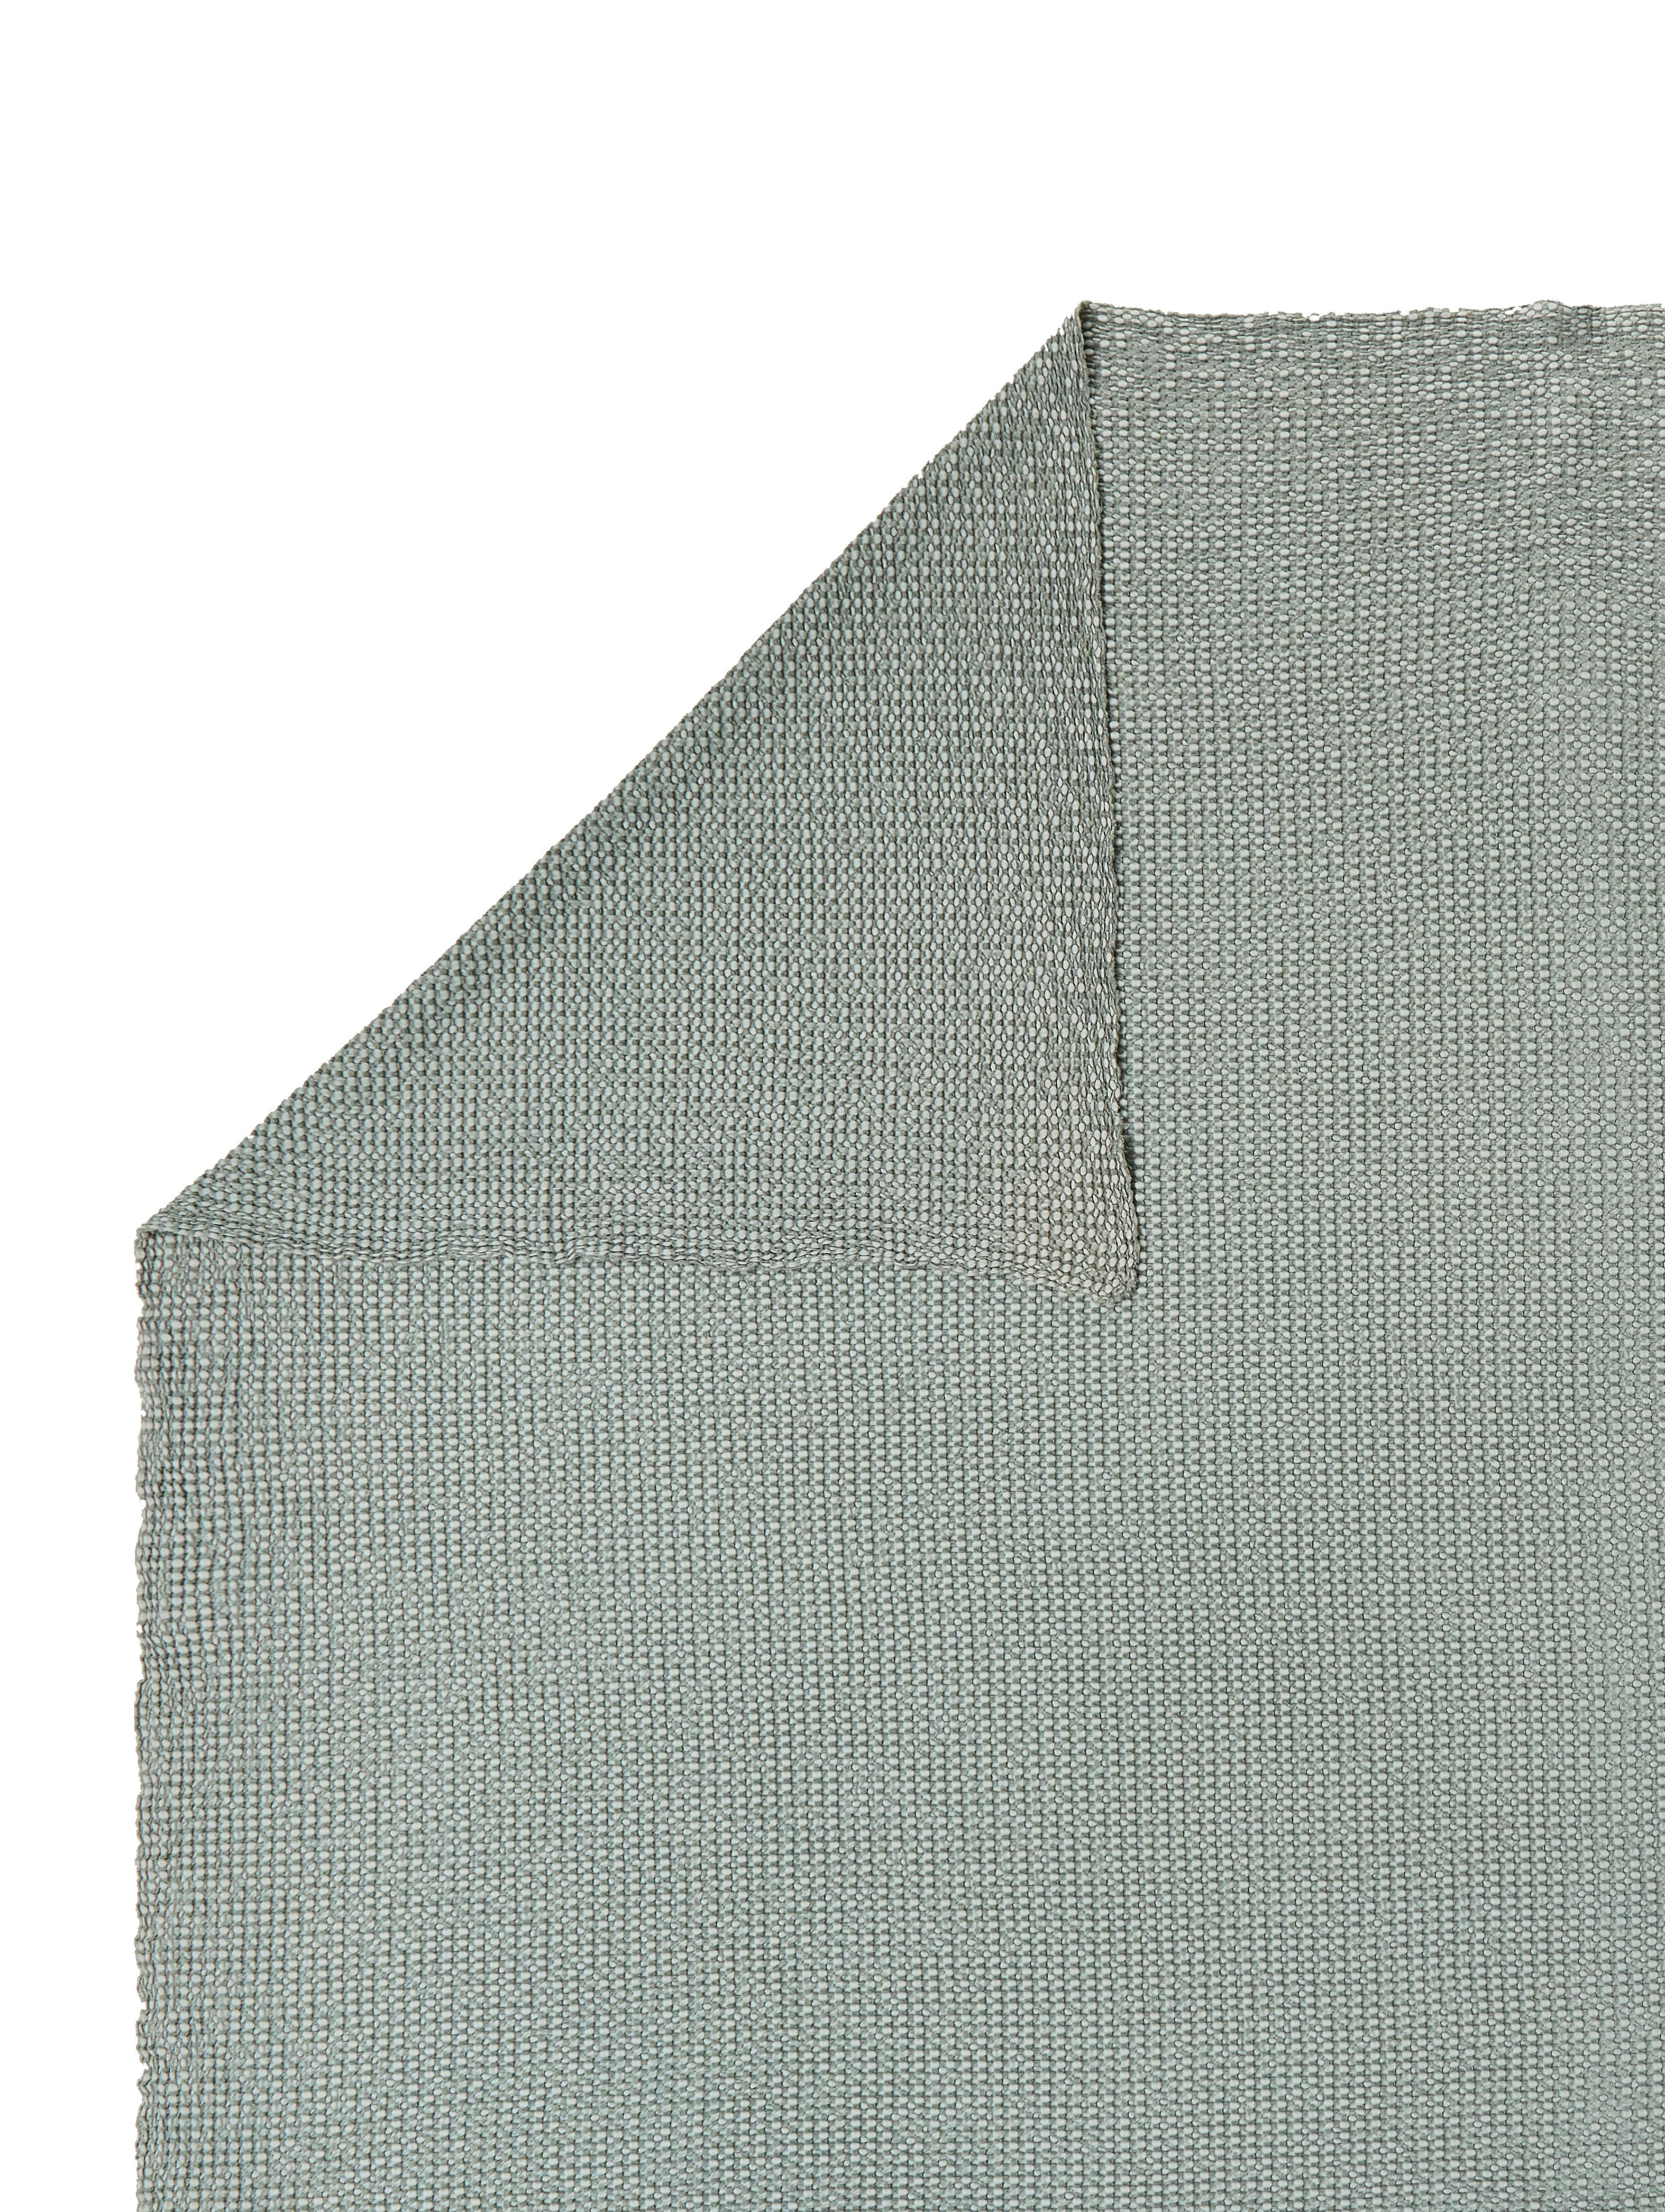 Tagesdecke Vigo mit strukturierter Oberfläche, 100% Baumwolle, Flaschengrün, 220 x 240 cm